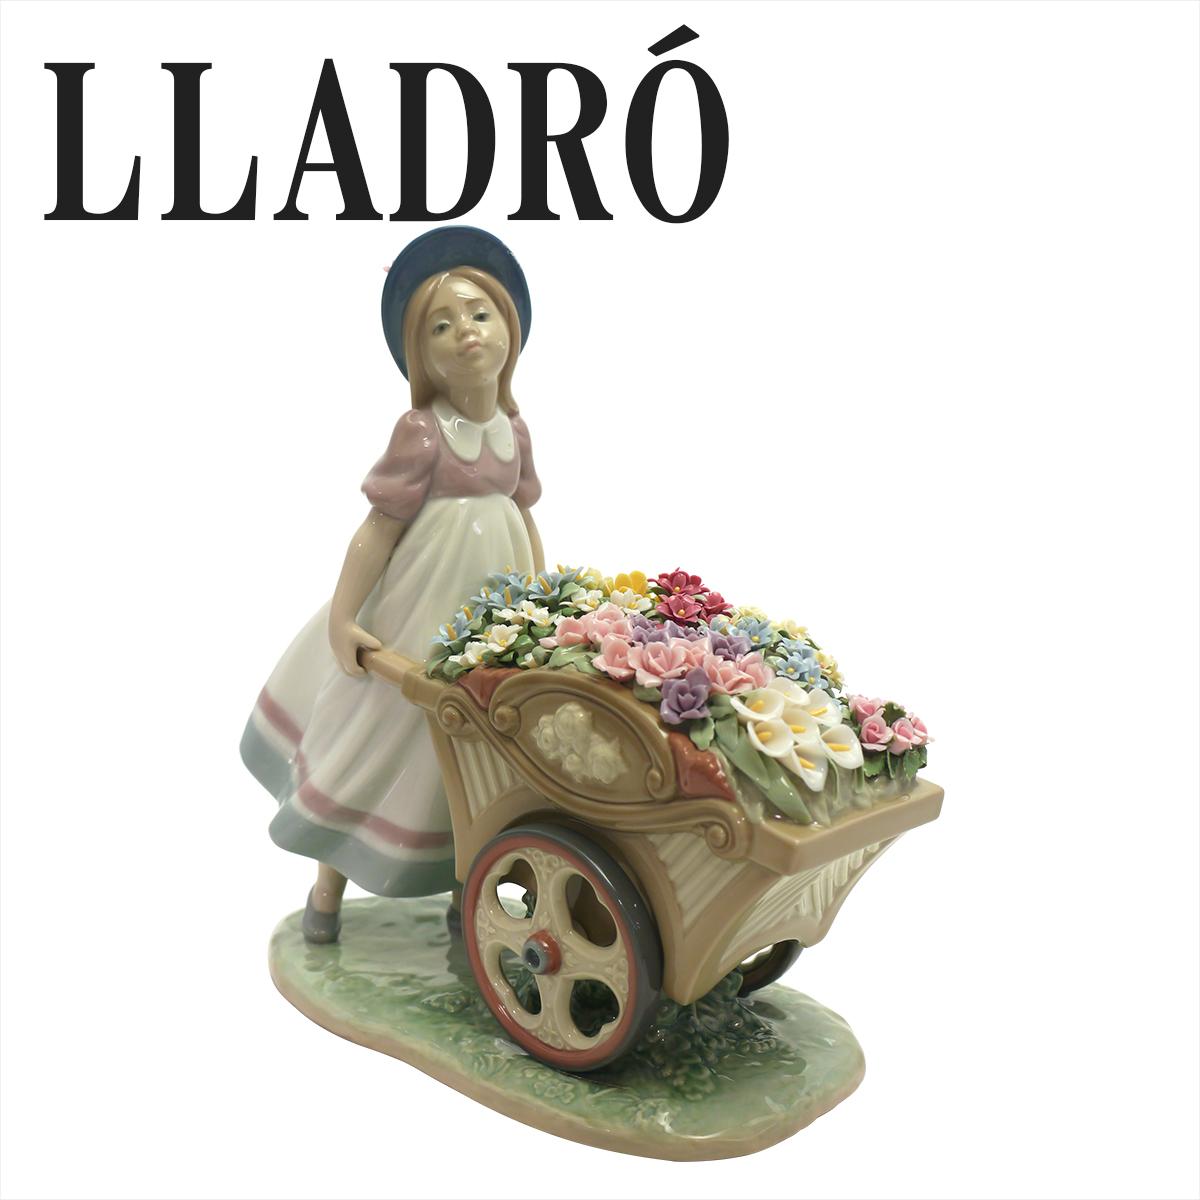 リヤドロ かわいいお花屋さん 陶器人形 LLADRO 可愛いお花屋さん 6521 少女 オブジェ 置物 磁器製品 フィギュリン ギフト・のし可